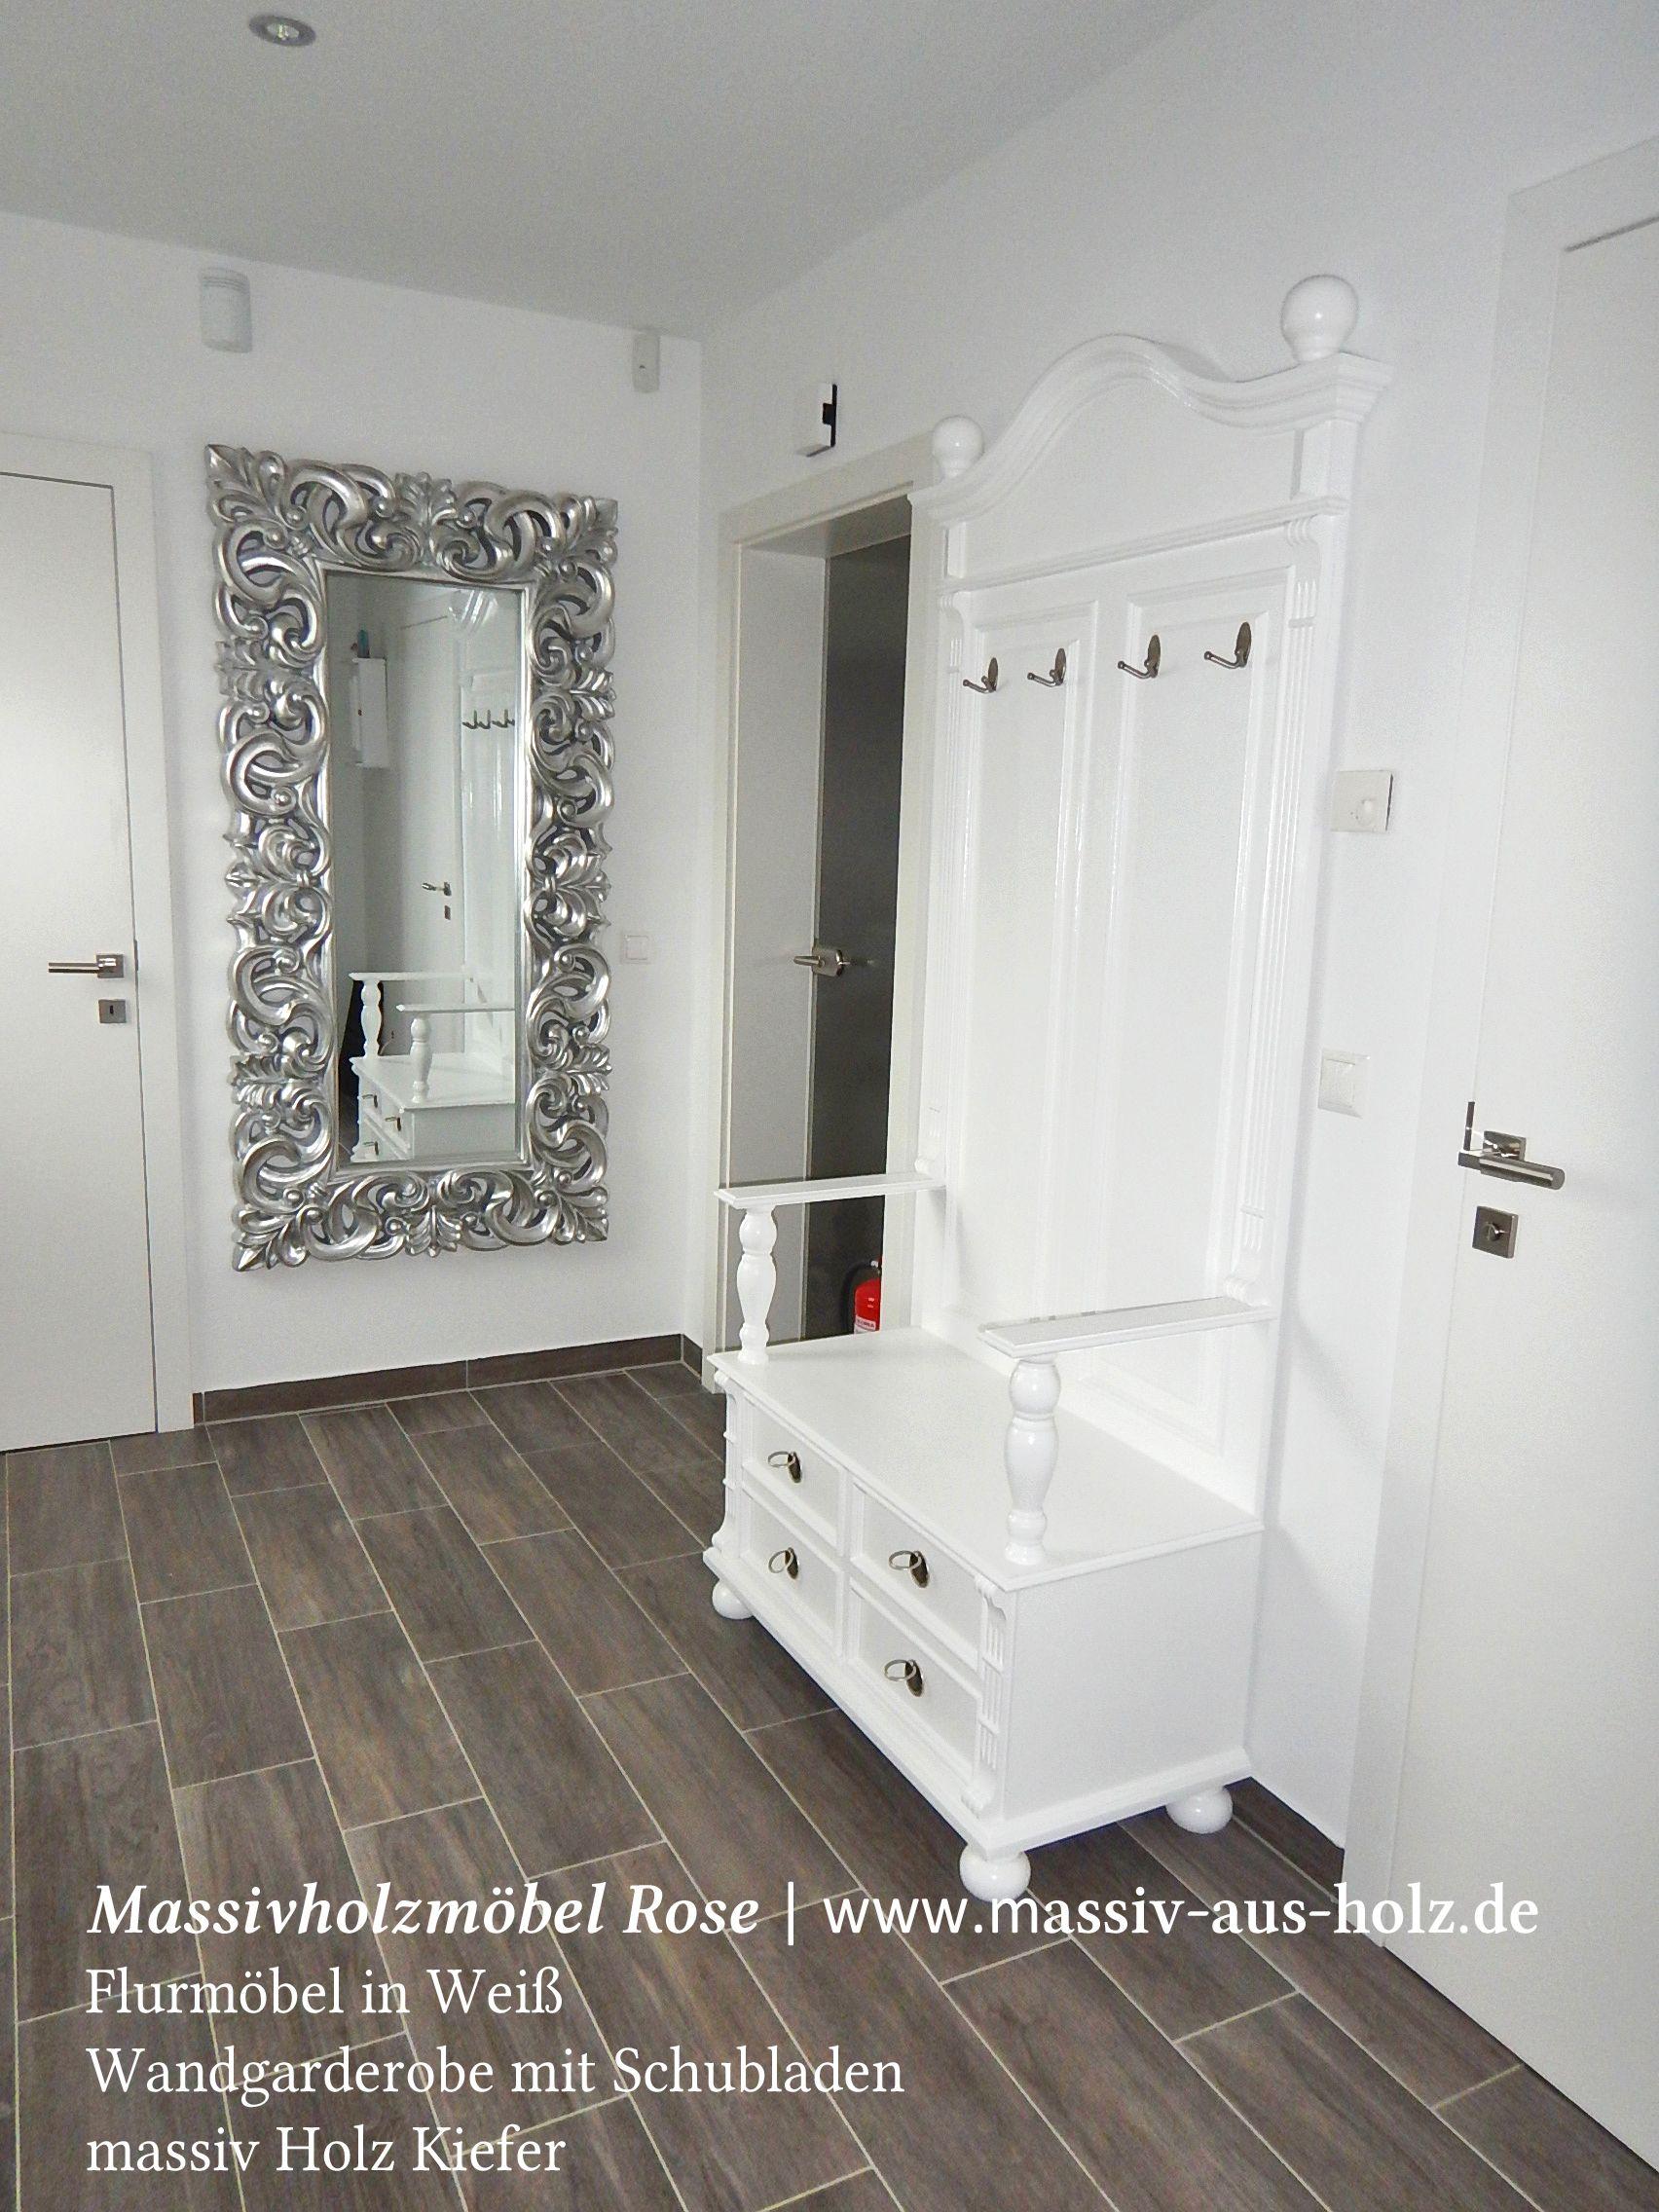 Anspruchsvoll Landhausstil Flur Foto Von Für Alle -verliebte: Weiße Garderobe Mit Schubladen